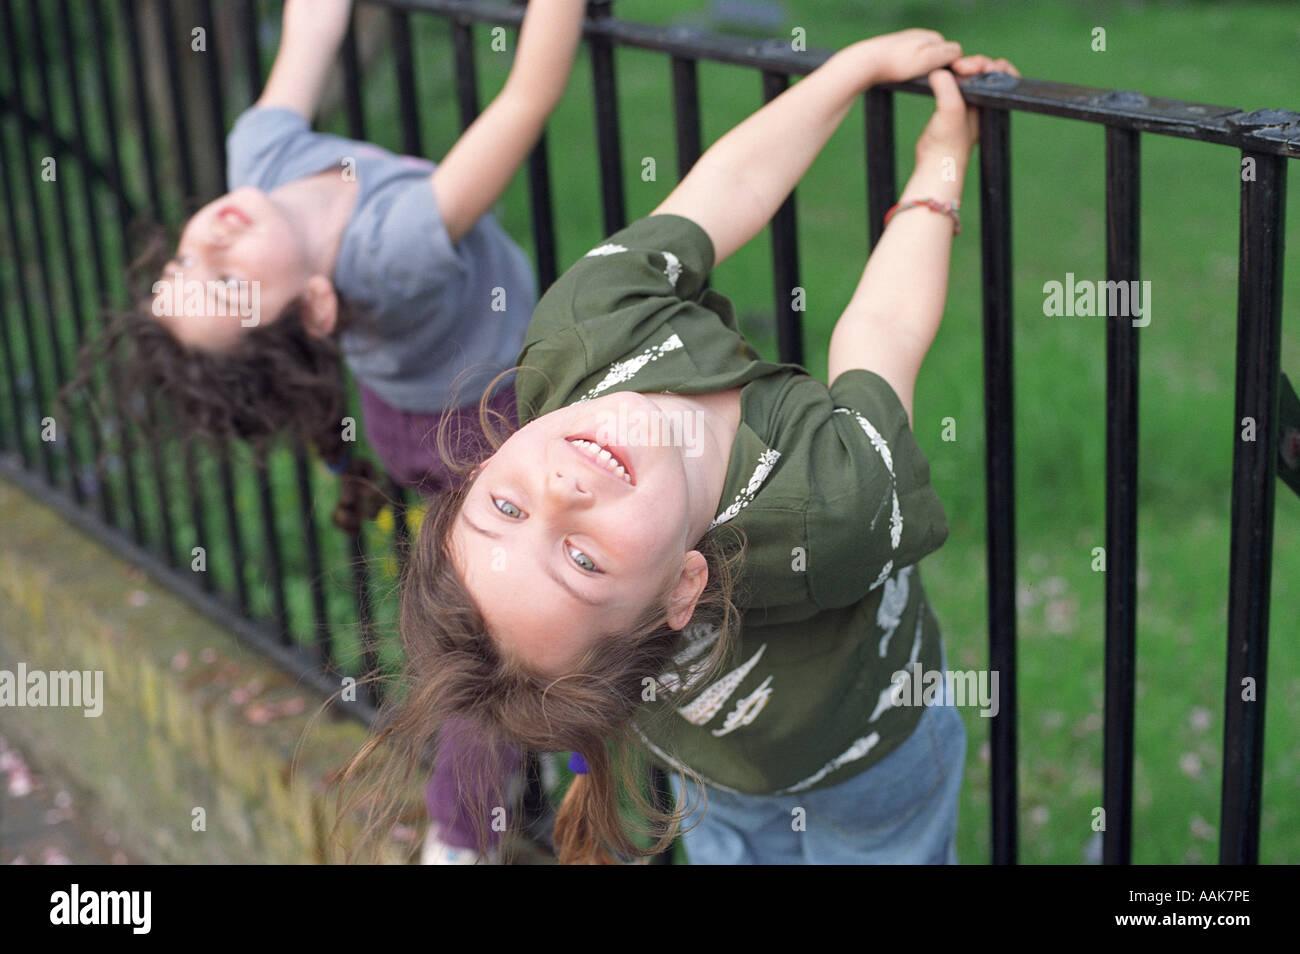 Dos niñas de seis años jugando en rejas metálicas, Londres, Reino Unido. Imagen De Stock